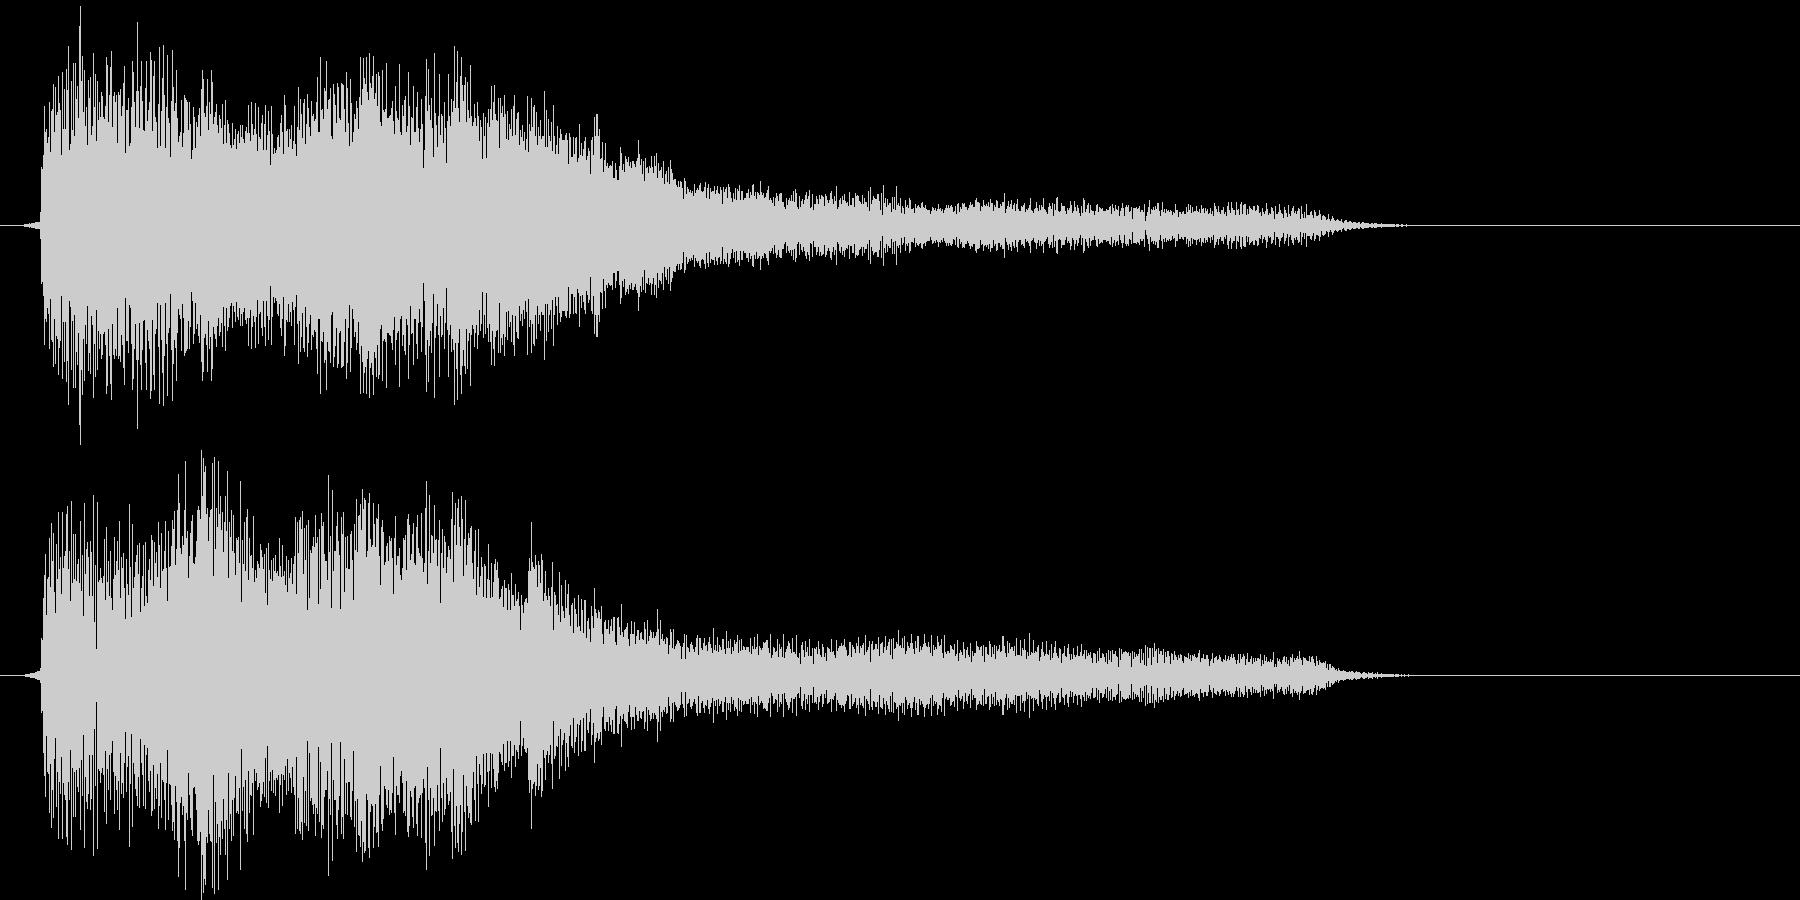 短いピアノメインの駆け上がりジングルの未再生の波形